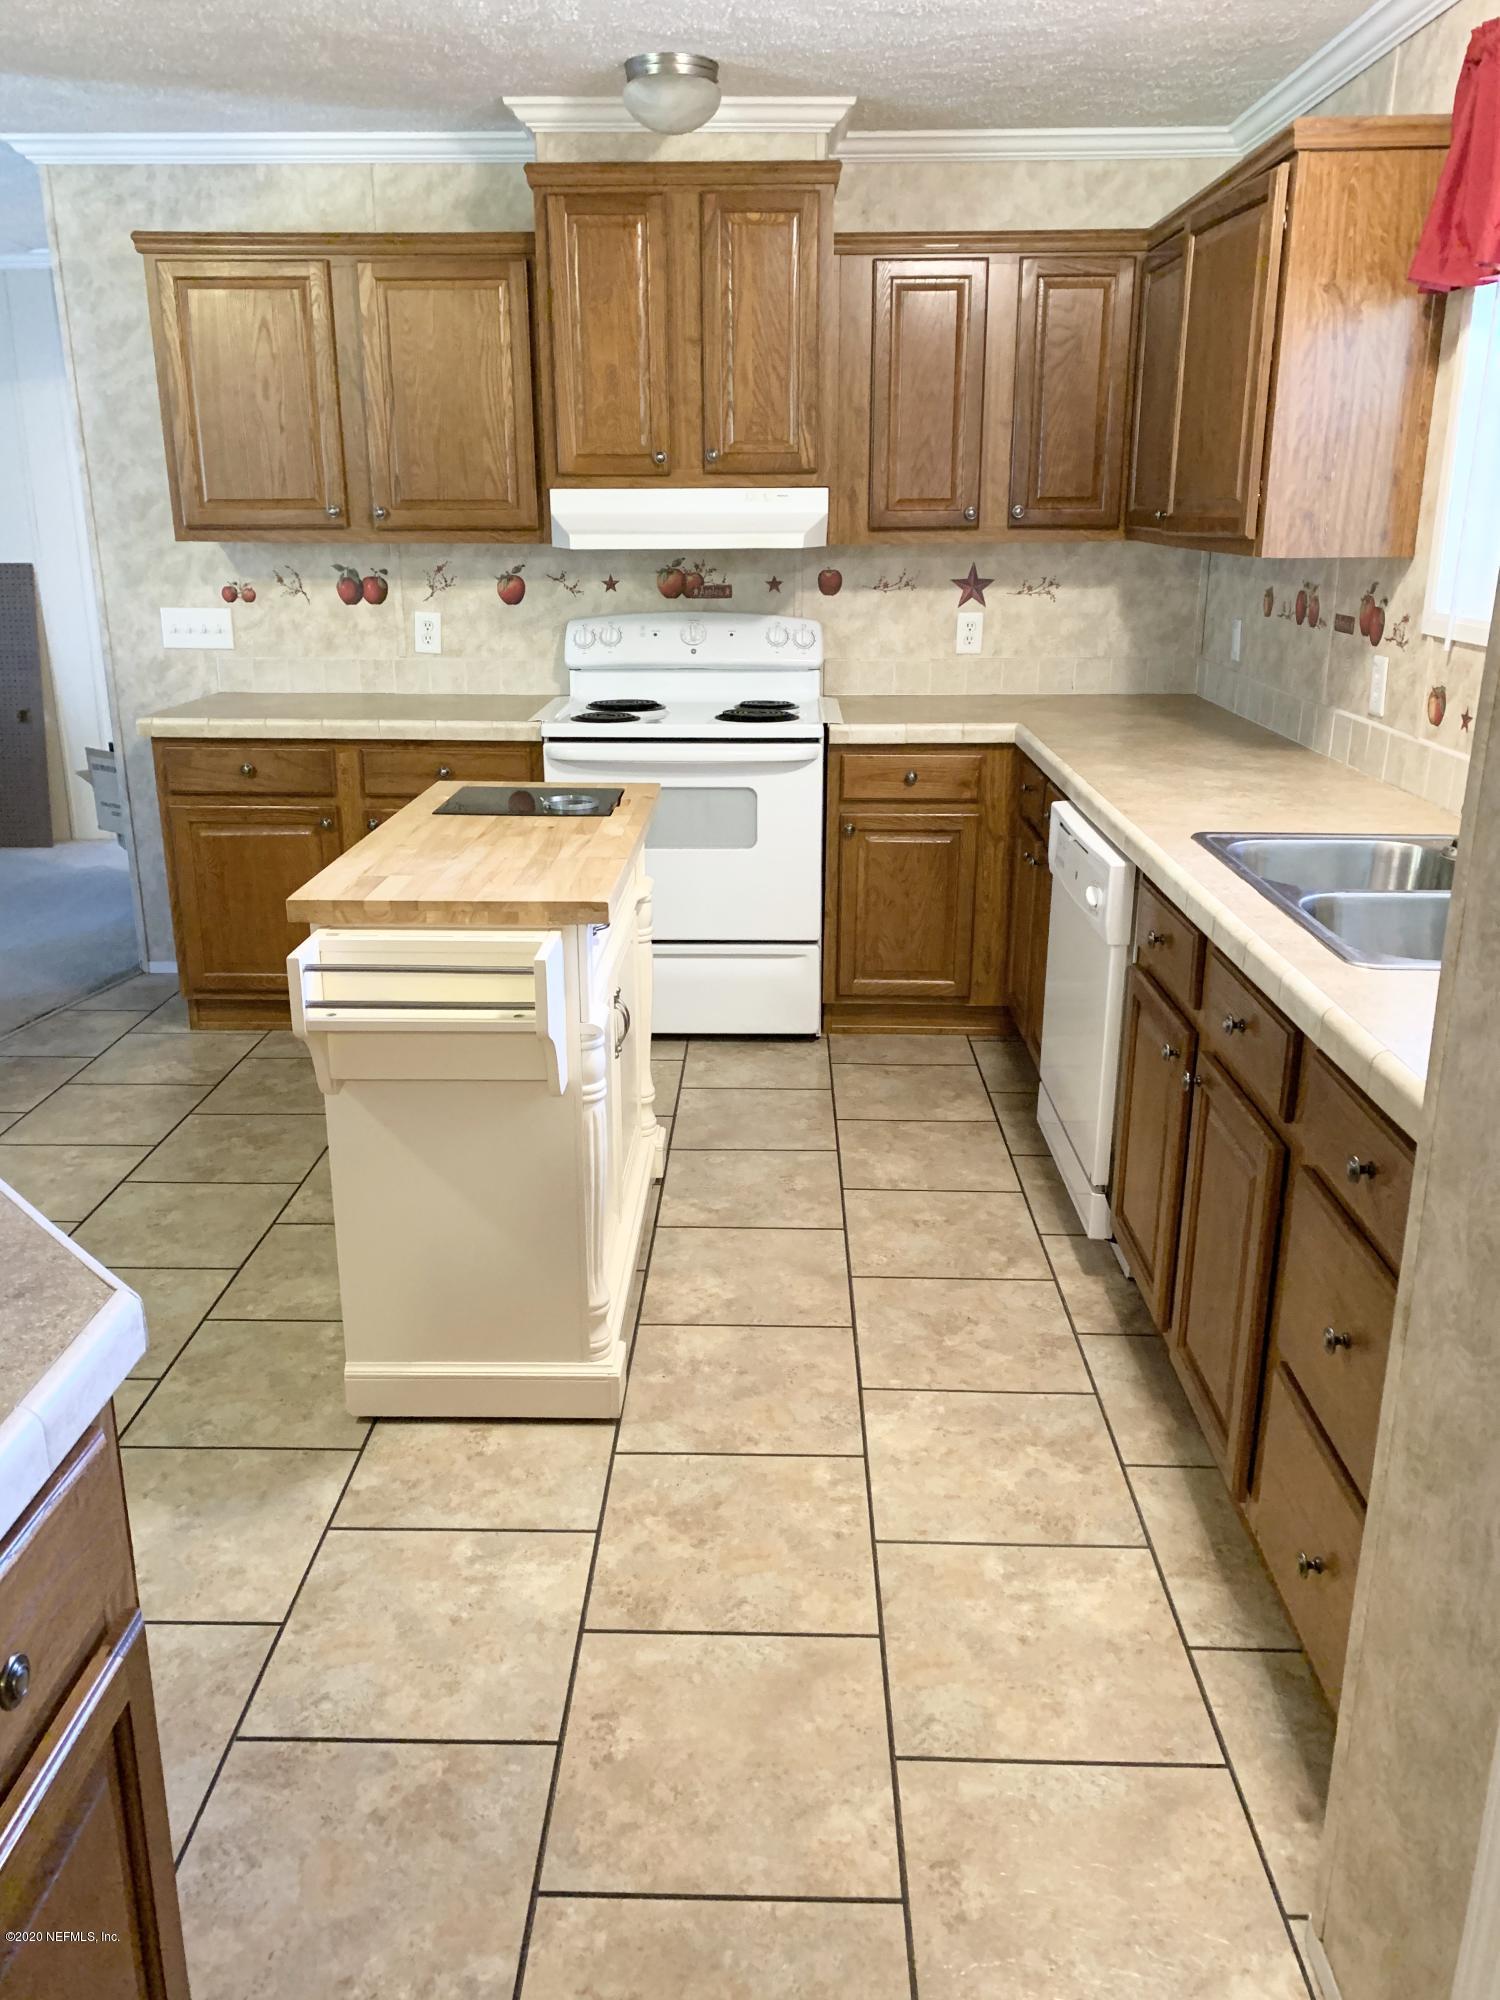 138 EL PRADO, PALATKA, FLORIDA 32177, 4 Bedrooms Bedrooms, ,2 BathroomsBathrooms,Residential,For sale,EL PRADO,1081456